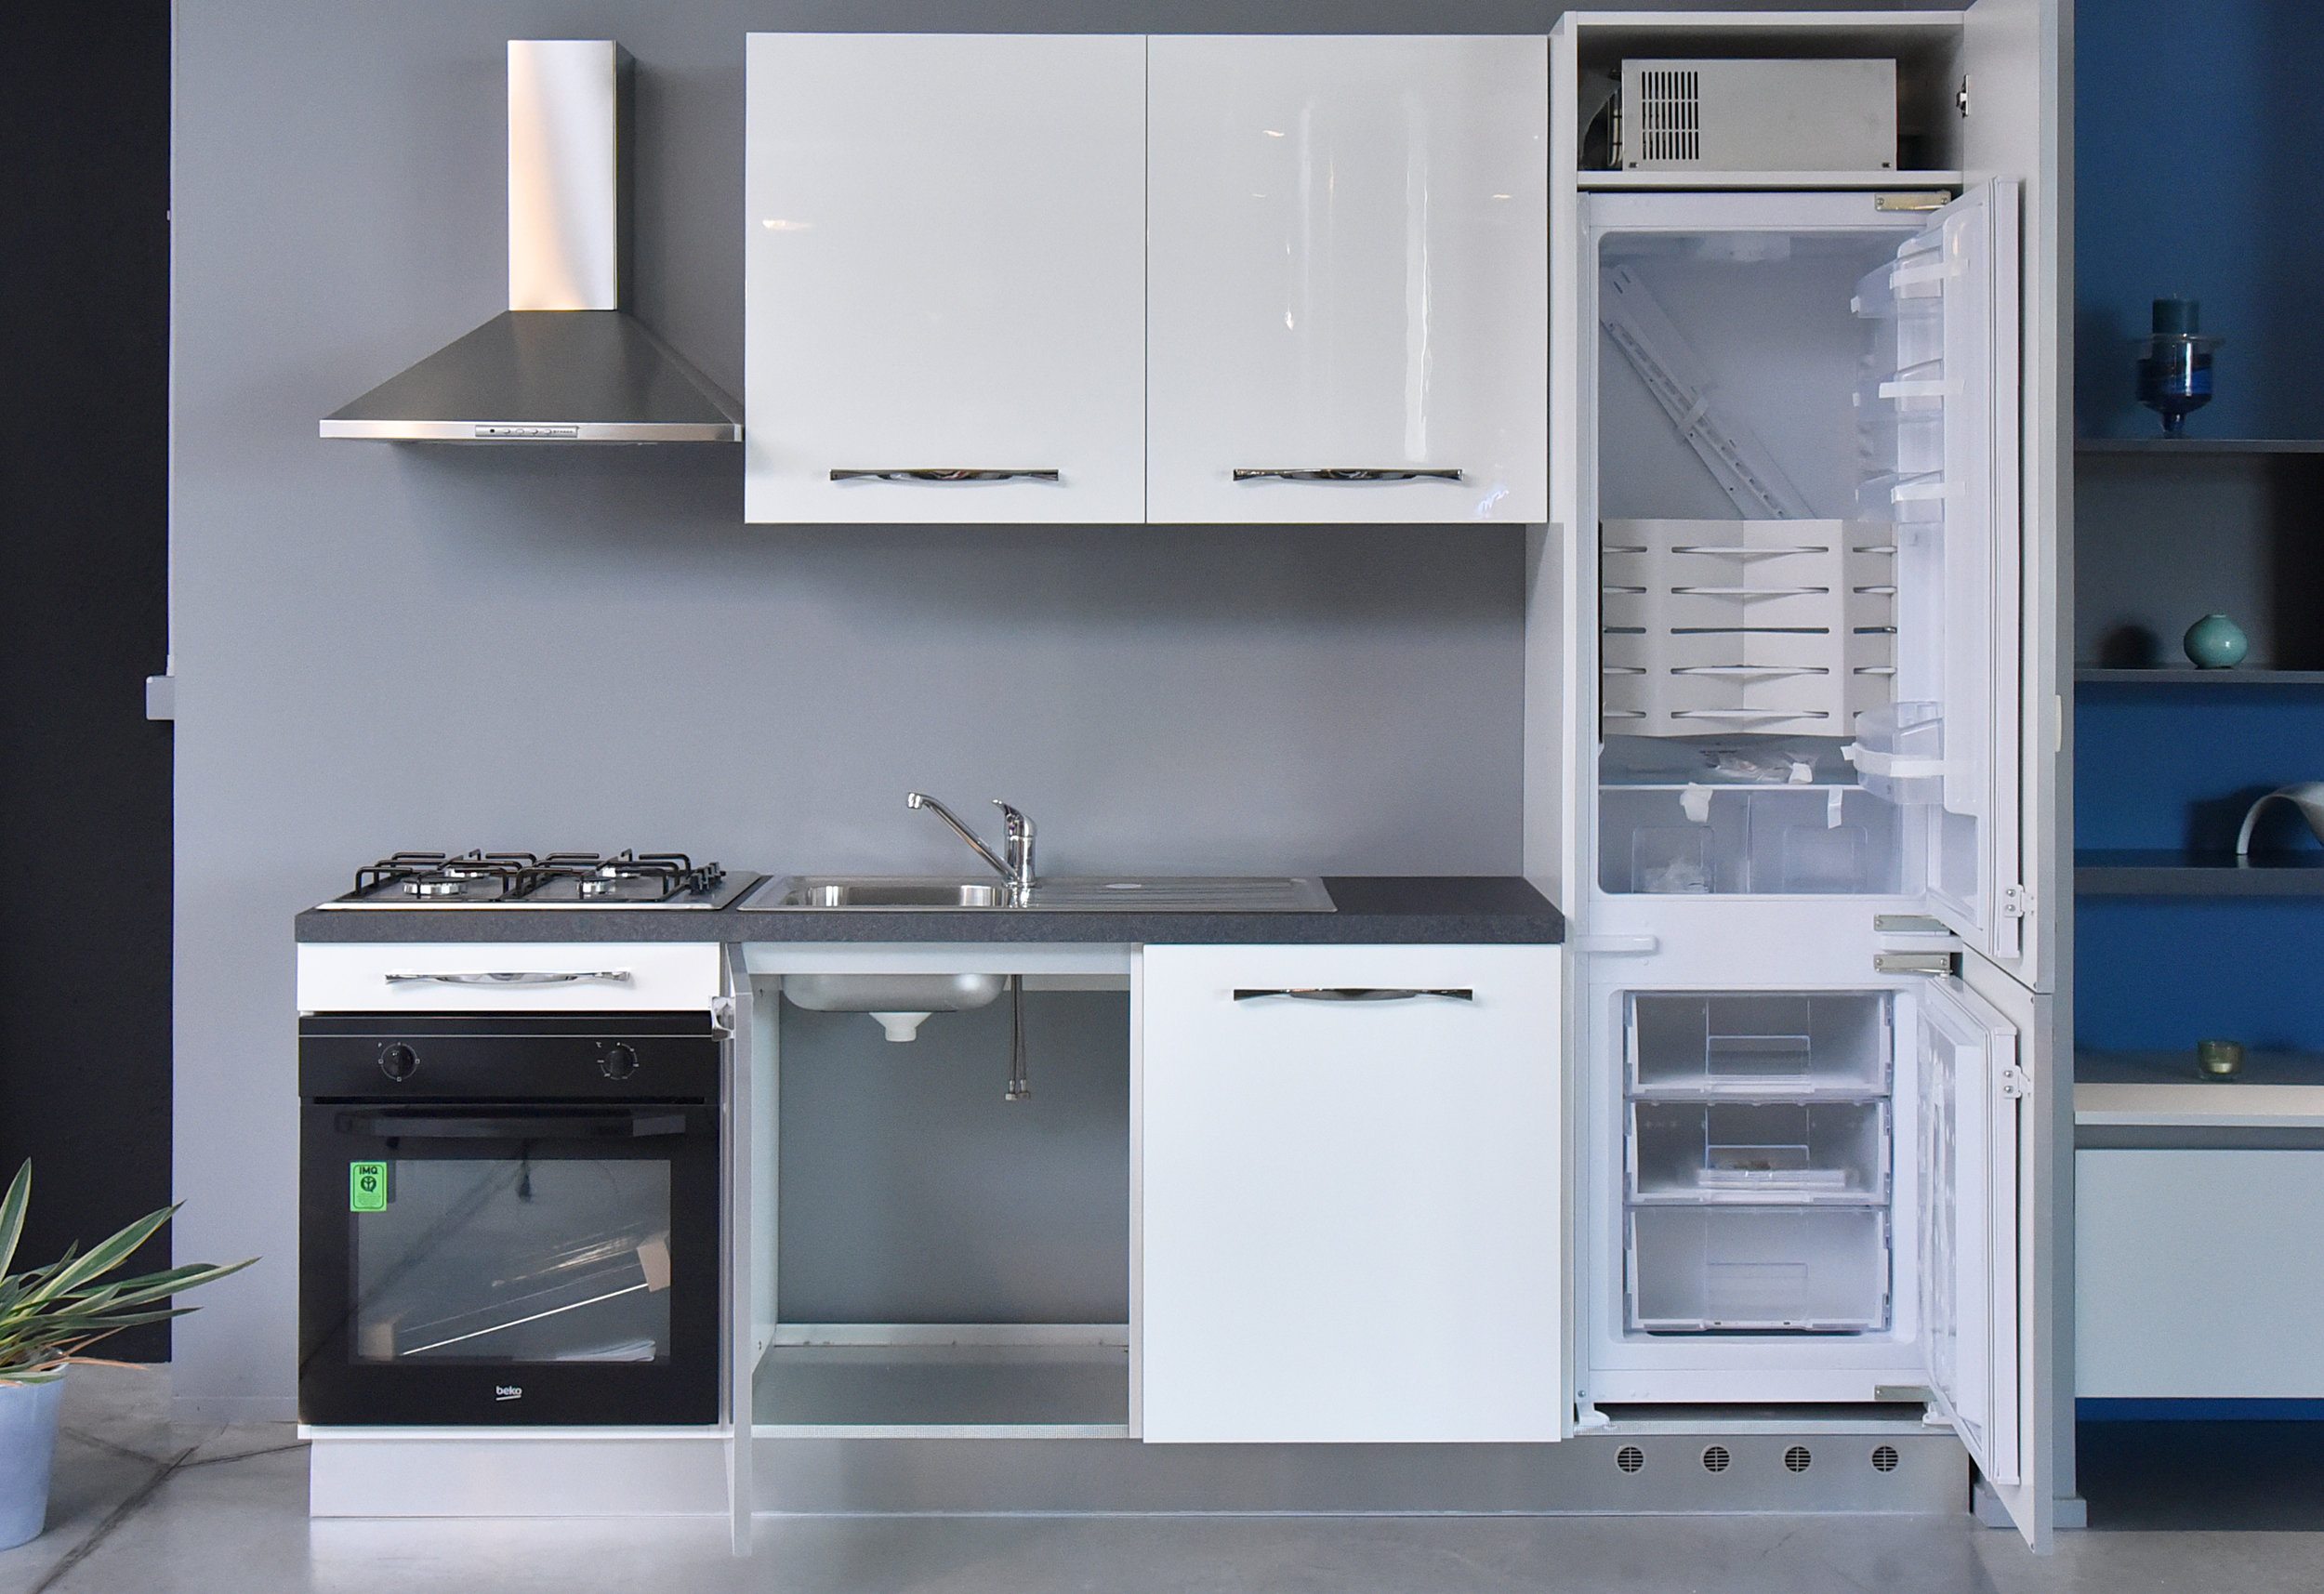 cucina 05 - 03.jpg